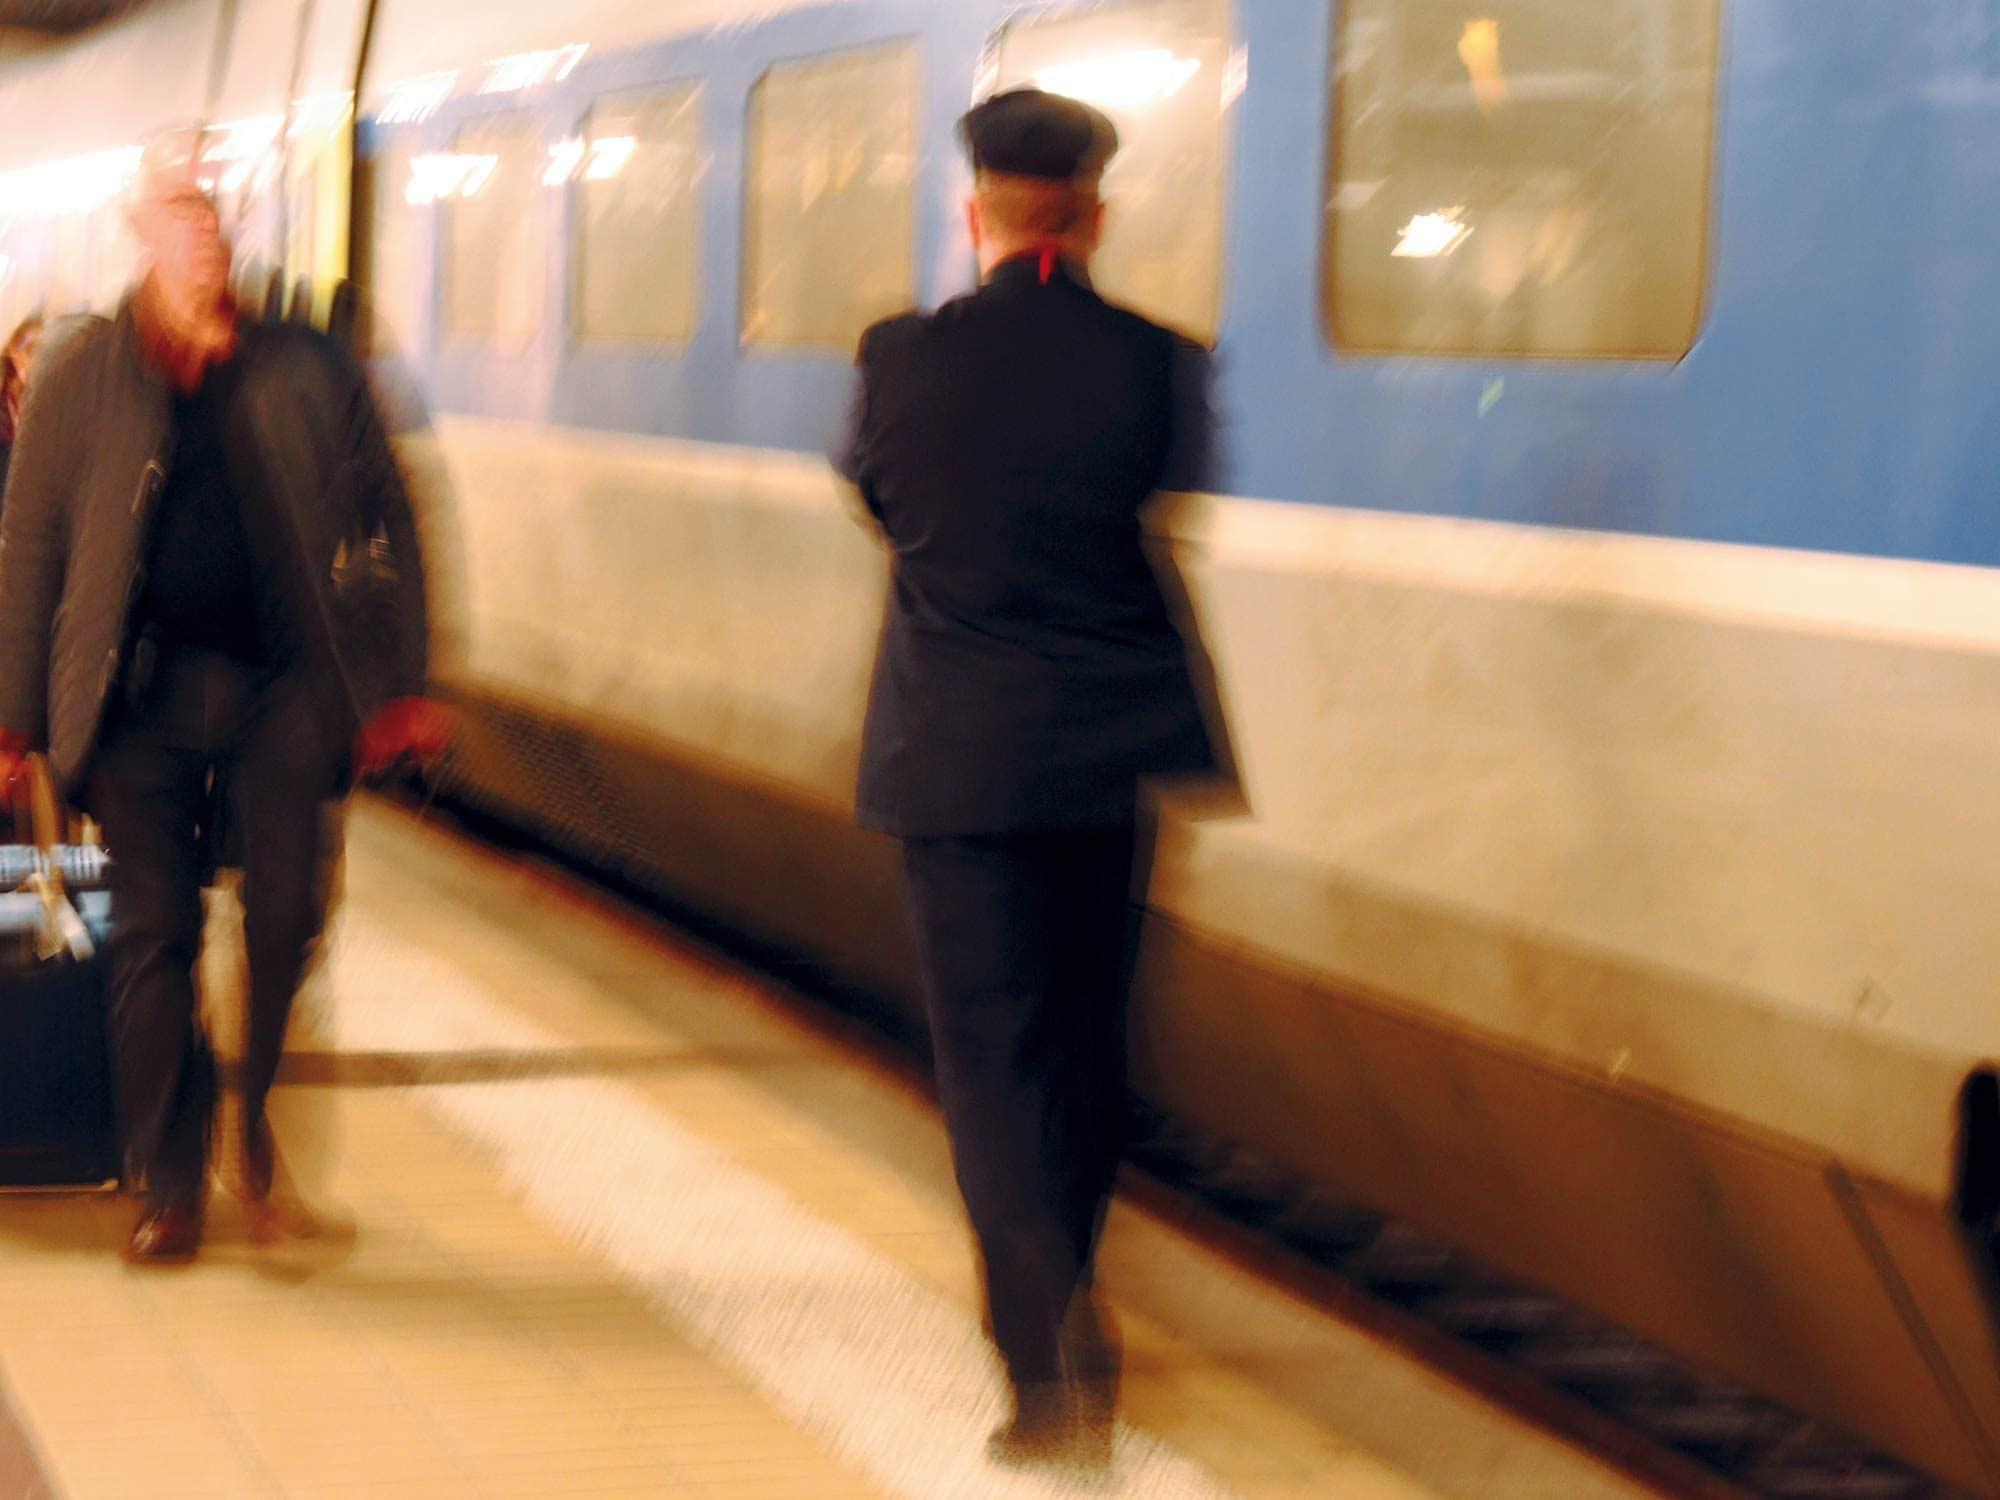 Les contrôleurs de la SNCF étaient priés de surveiller les migrants